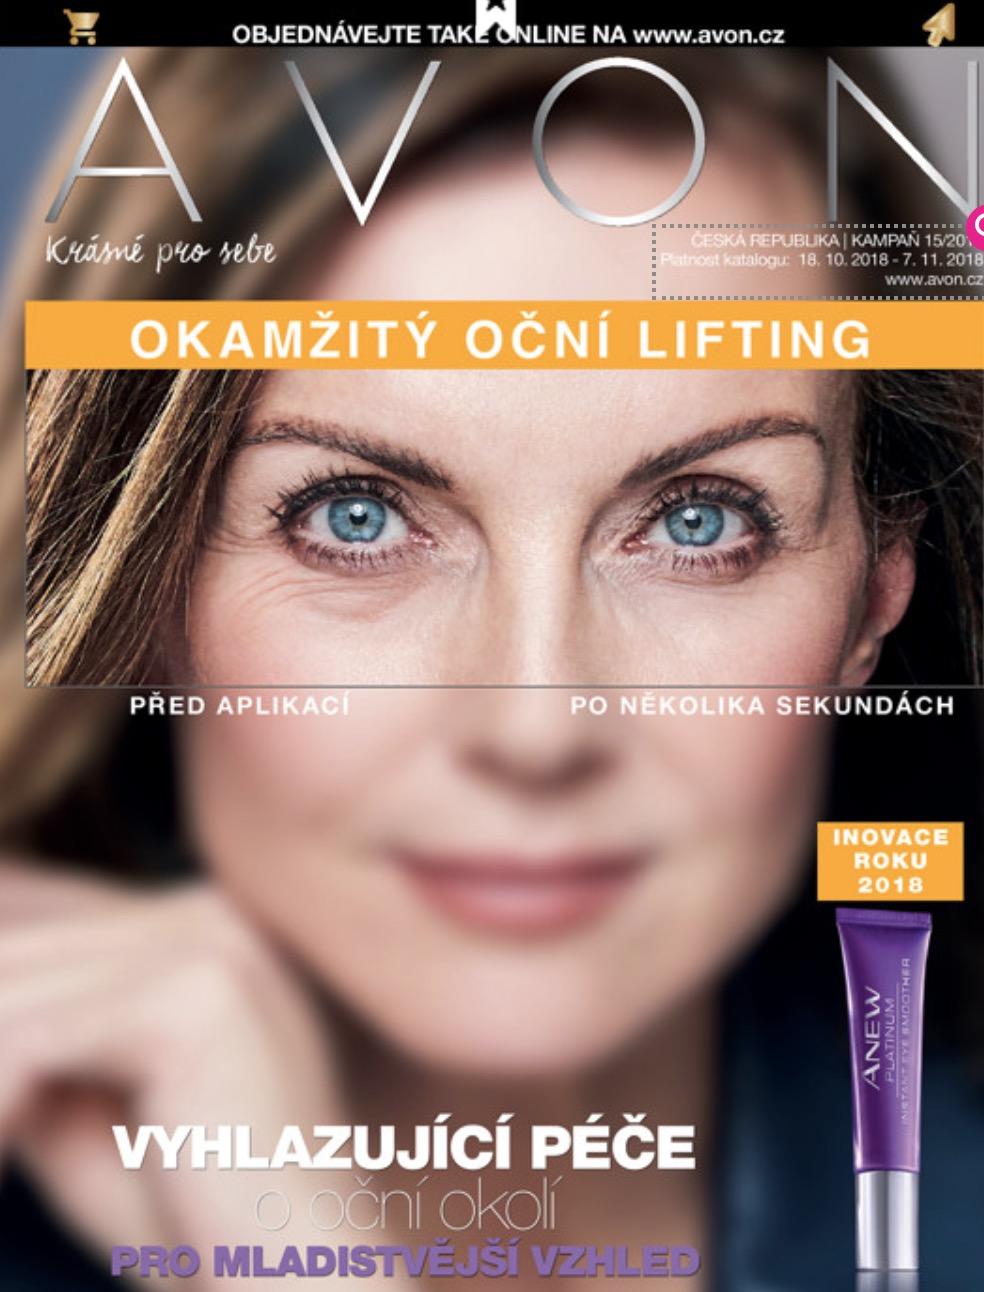 AVON Katalog K15/2018